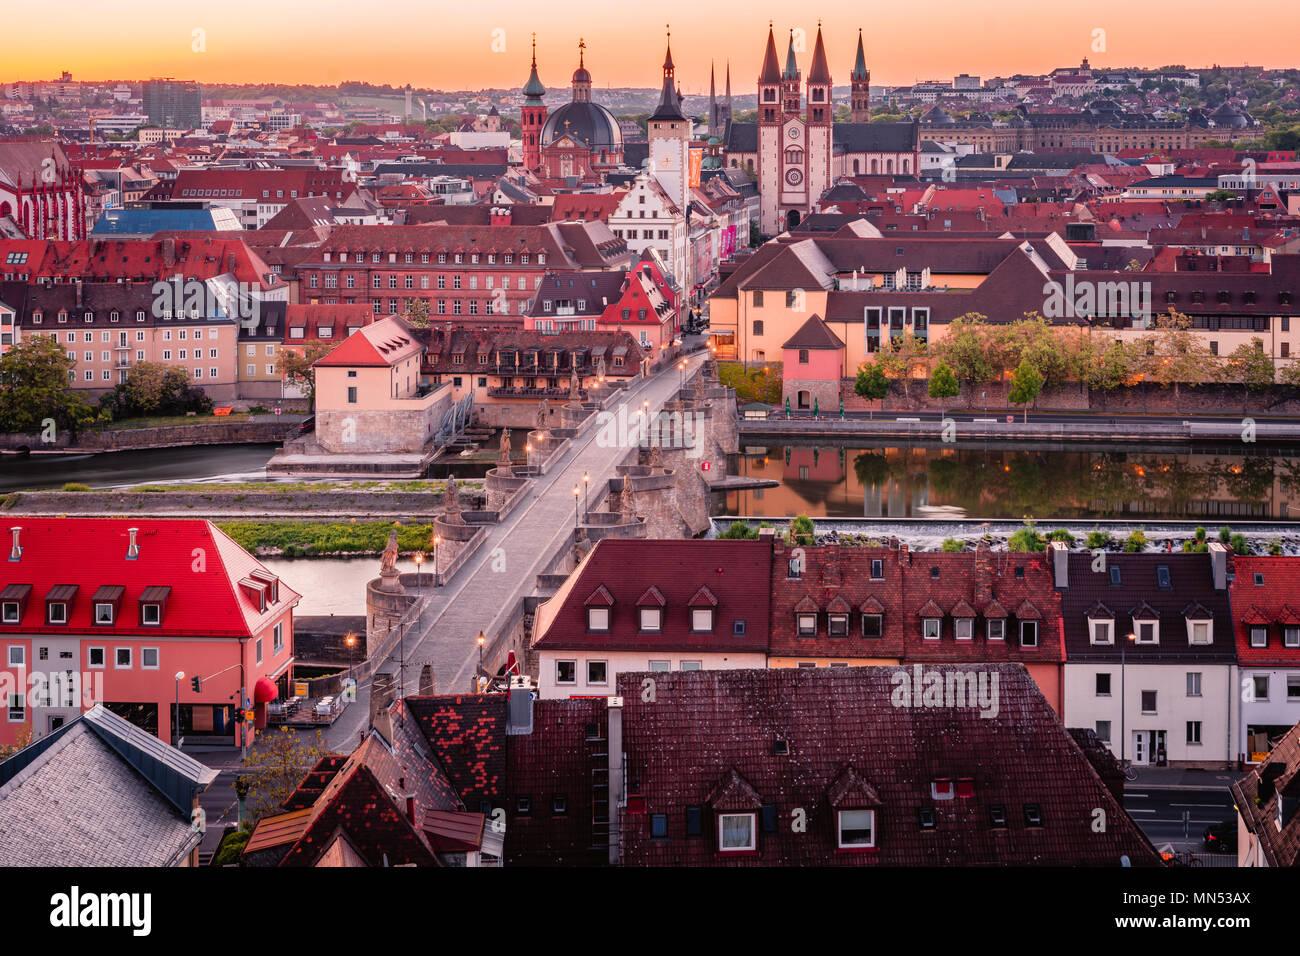 Une pittoresque panorama aérien de la ville la Vieille Ville Ville à Würzburg, en Bavière, Allemagne - une partie de la Route Romantique. Photo Stock